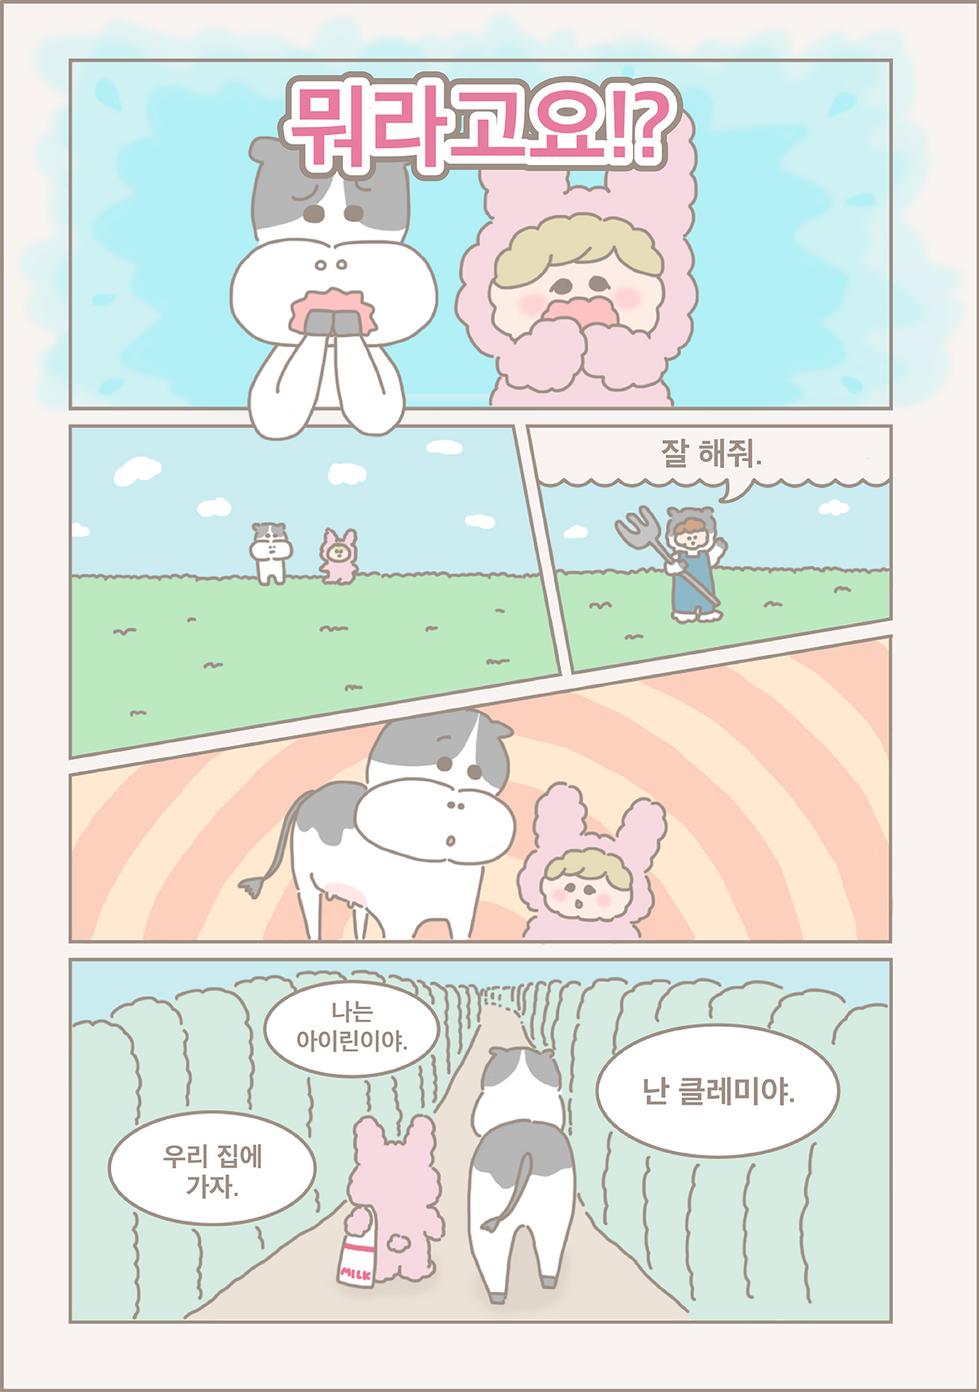 cam1-6_korean.png